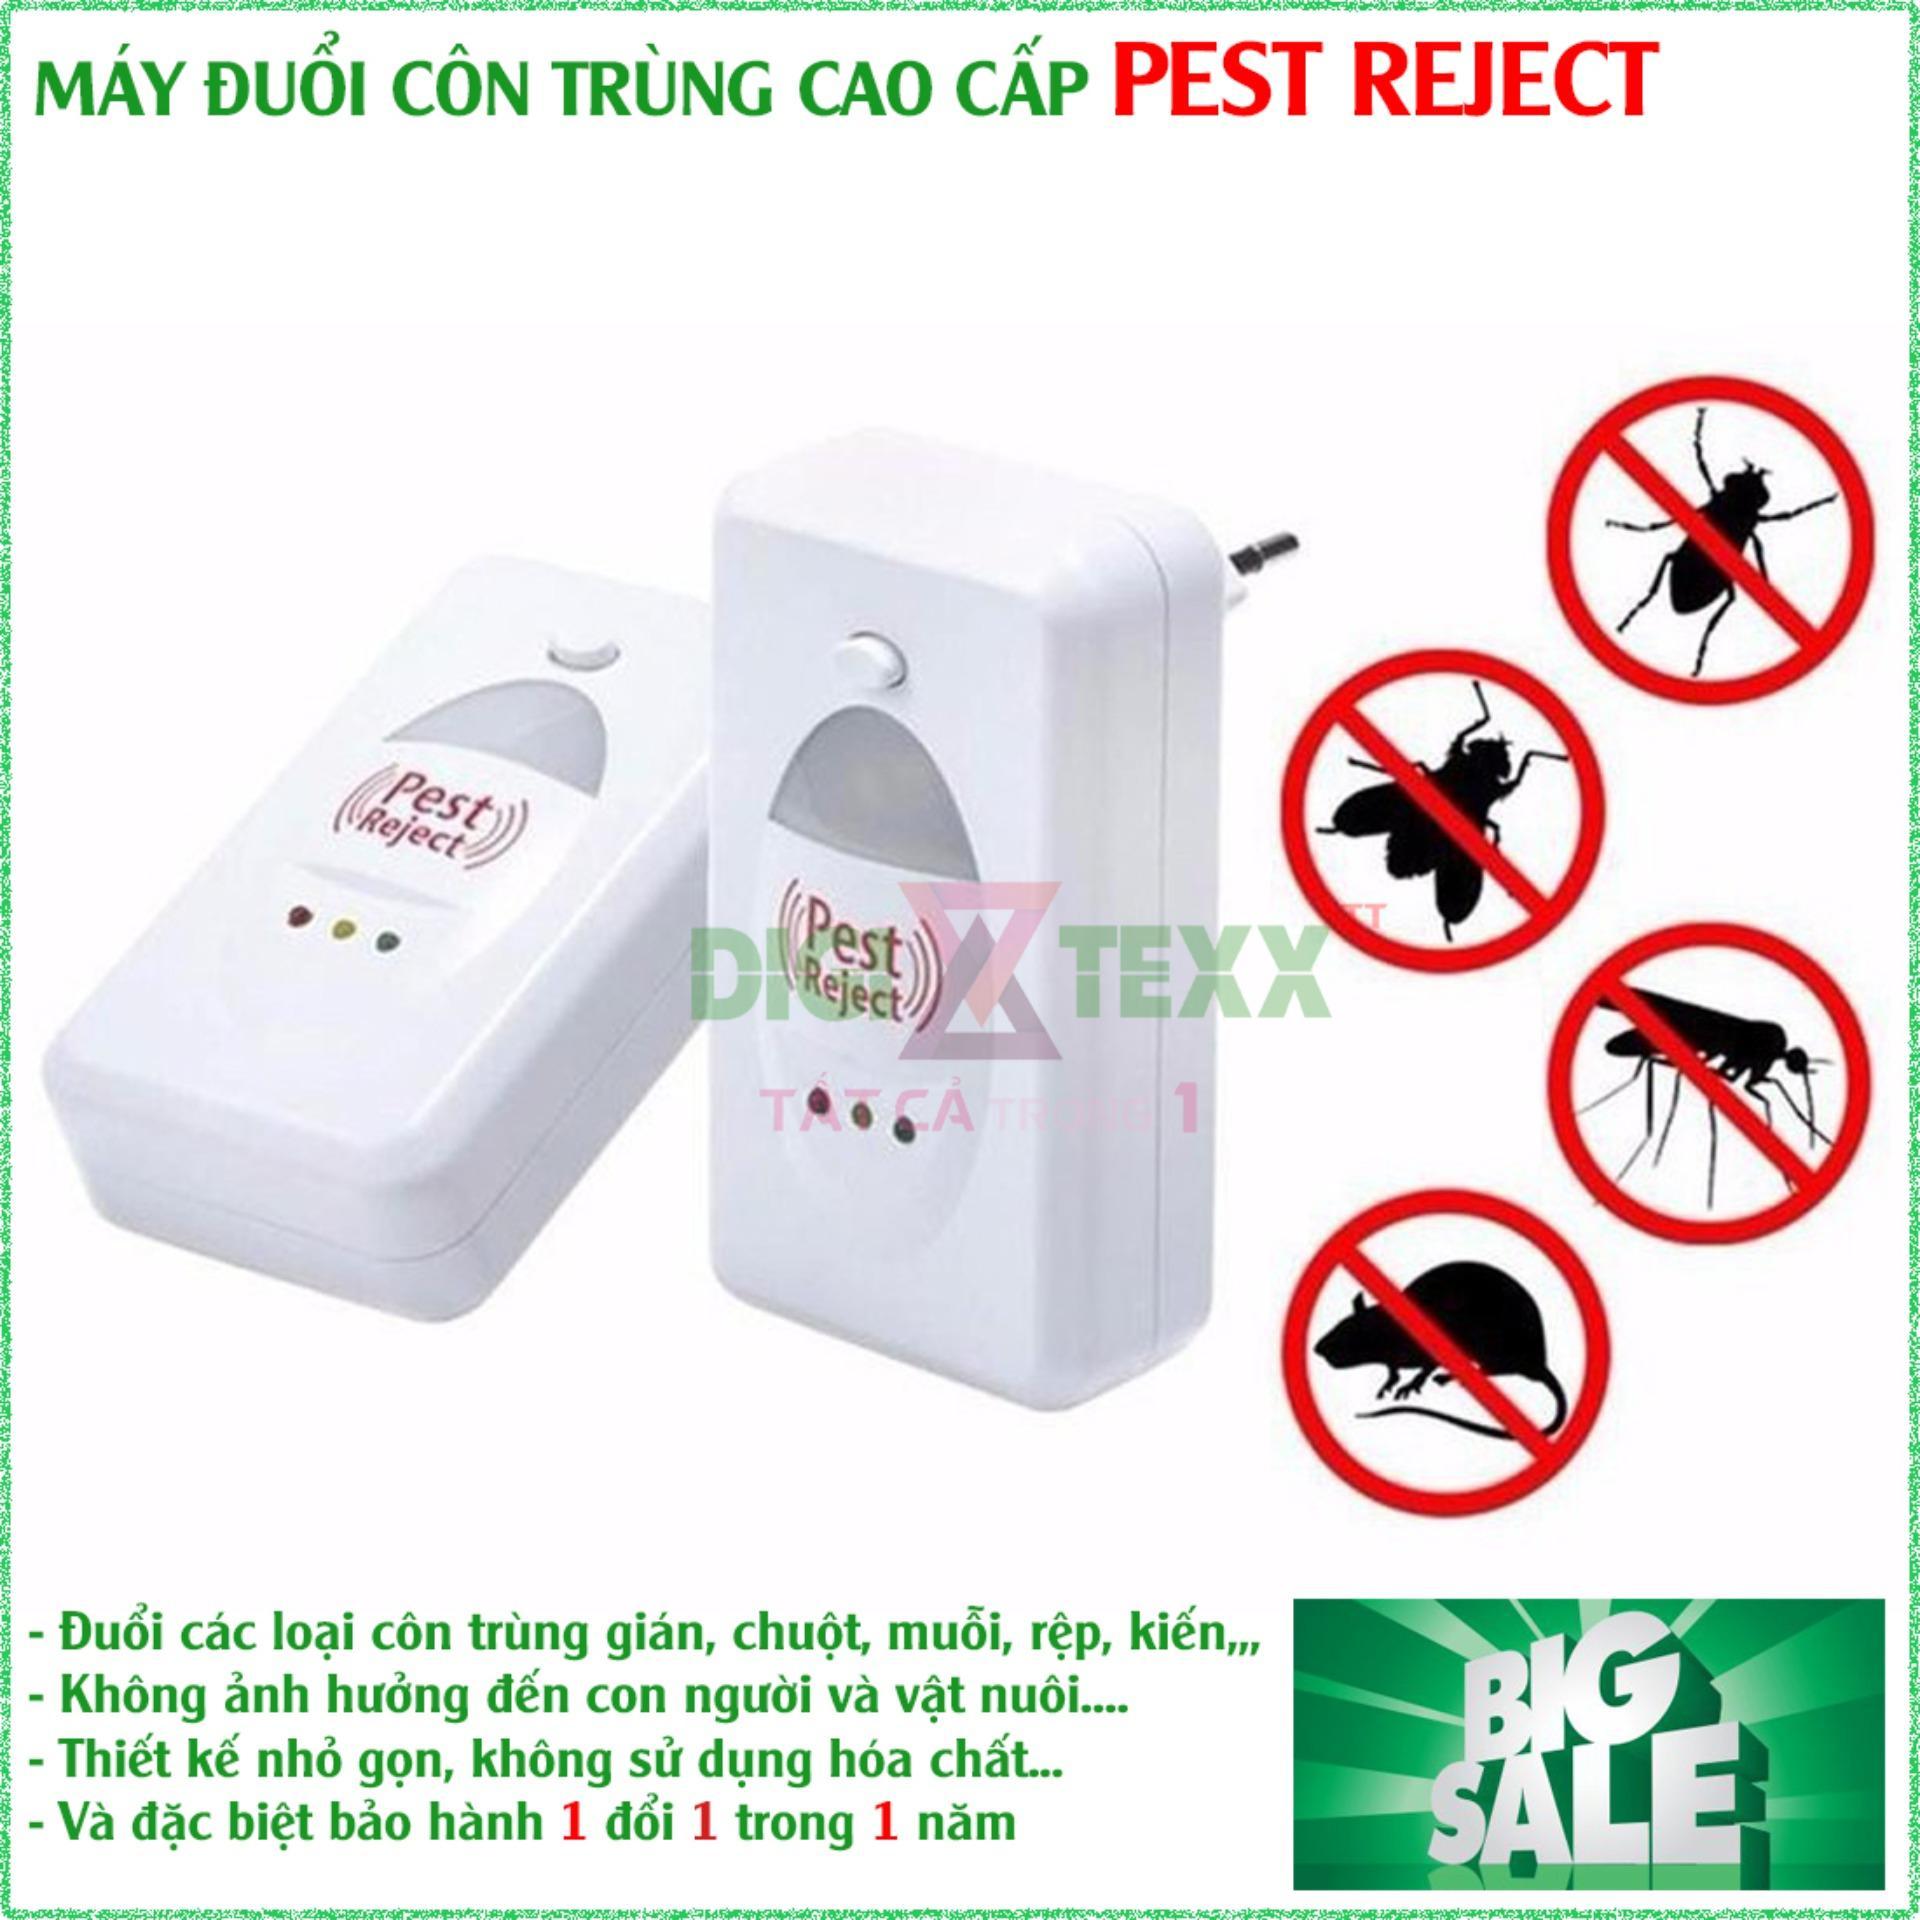 Đuổi Chuột Bằng Sóng Siêu Âm , Máy Xua Đuổi Côn Trùng Pest Reject Giúp Xua Đuổi Triệt Để Các Loại Côn Trùng Bằng Sóng Siêu Âm, An Toàn Cho Sức Khỏe - Thiết Thực Cho Gia Đình Bạn